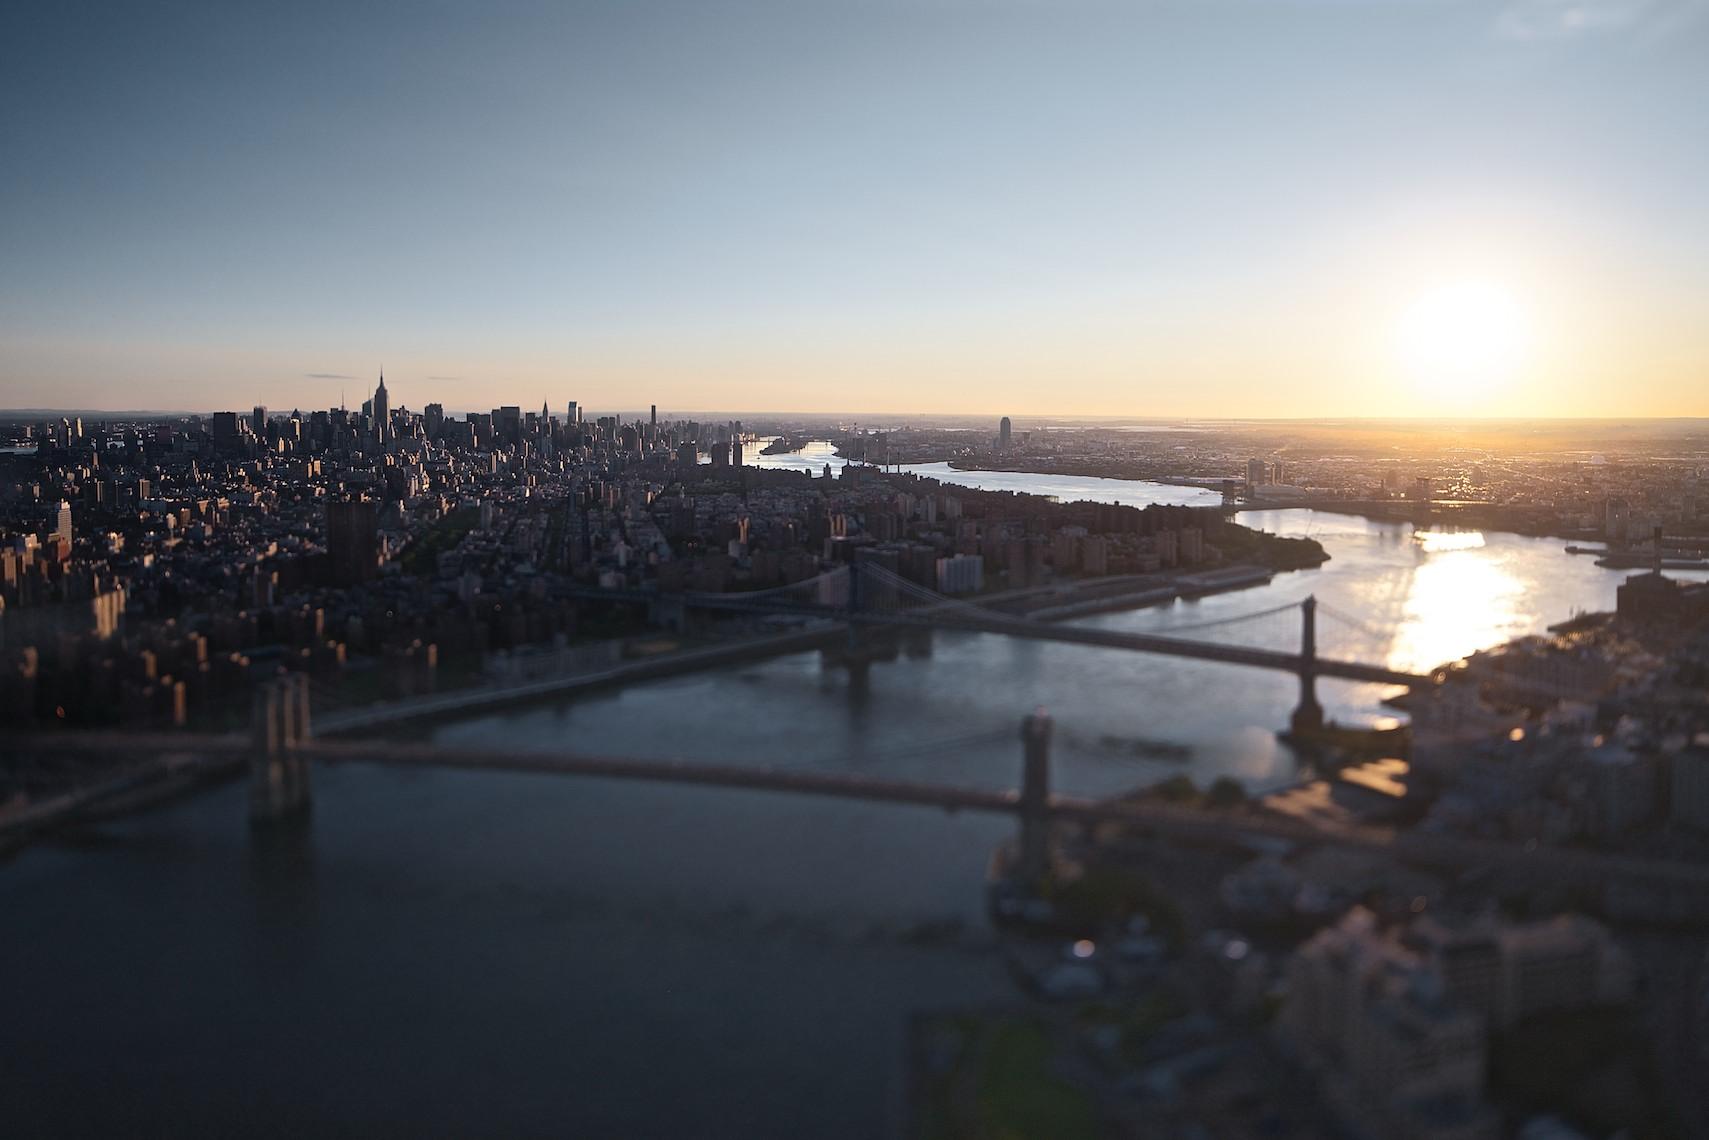 East River Bridges, Brooklyn, NY (Laforet NY Bridges Tilt-Shift Aerial 01)